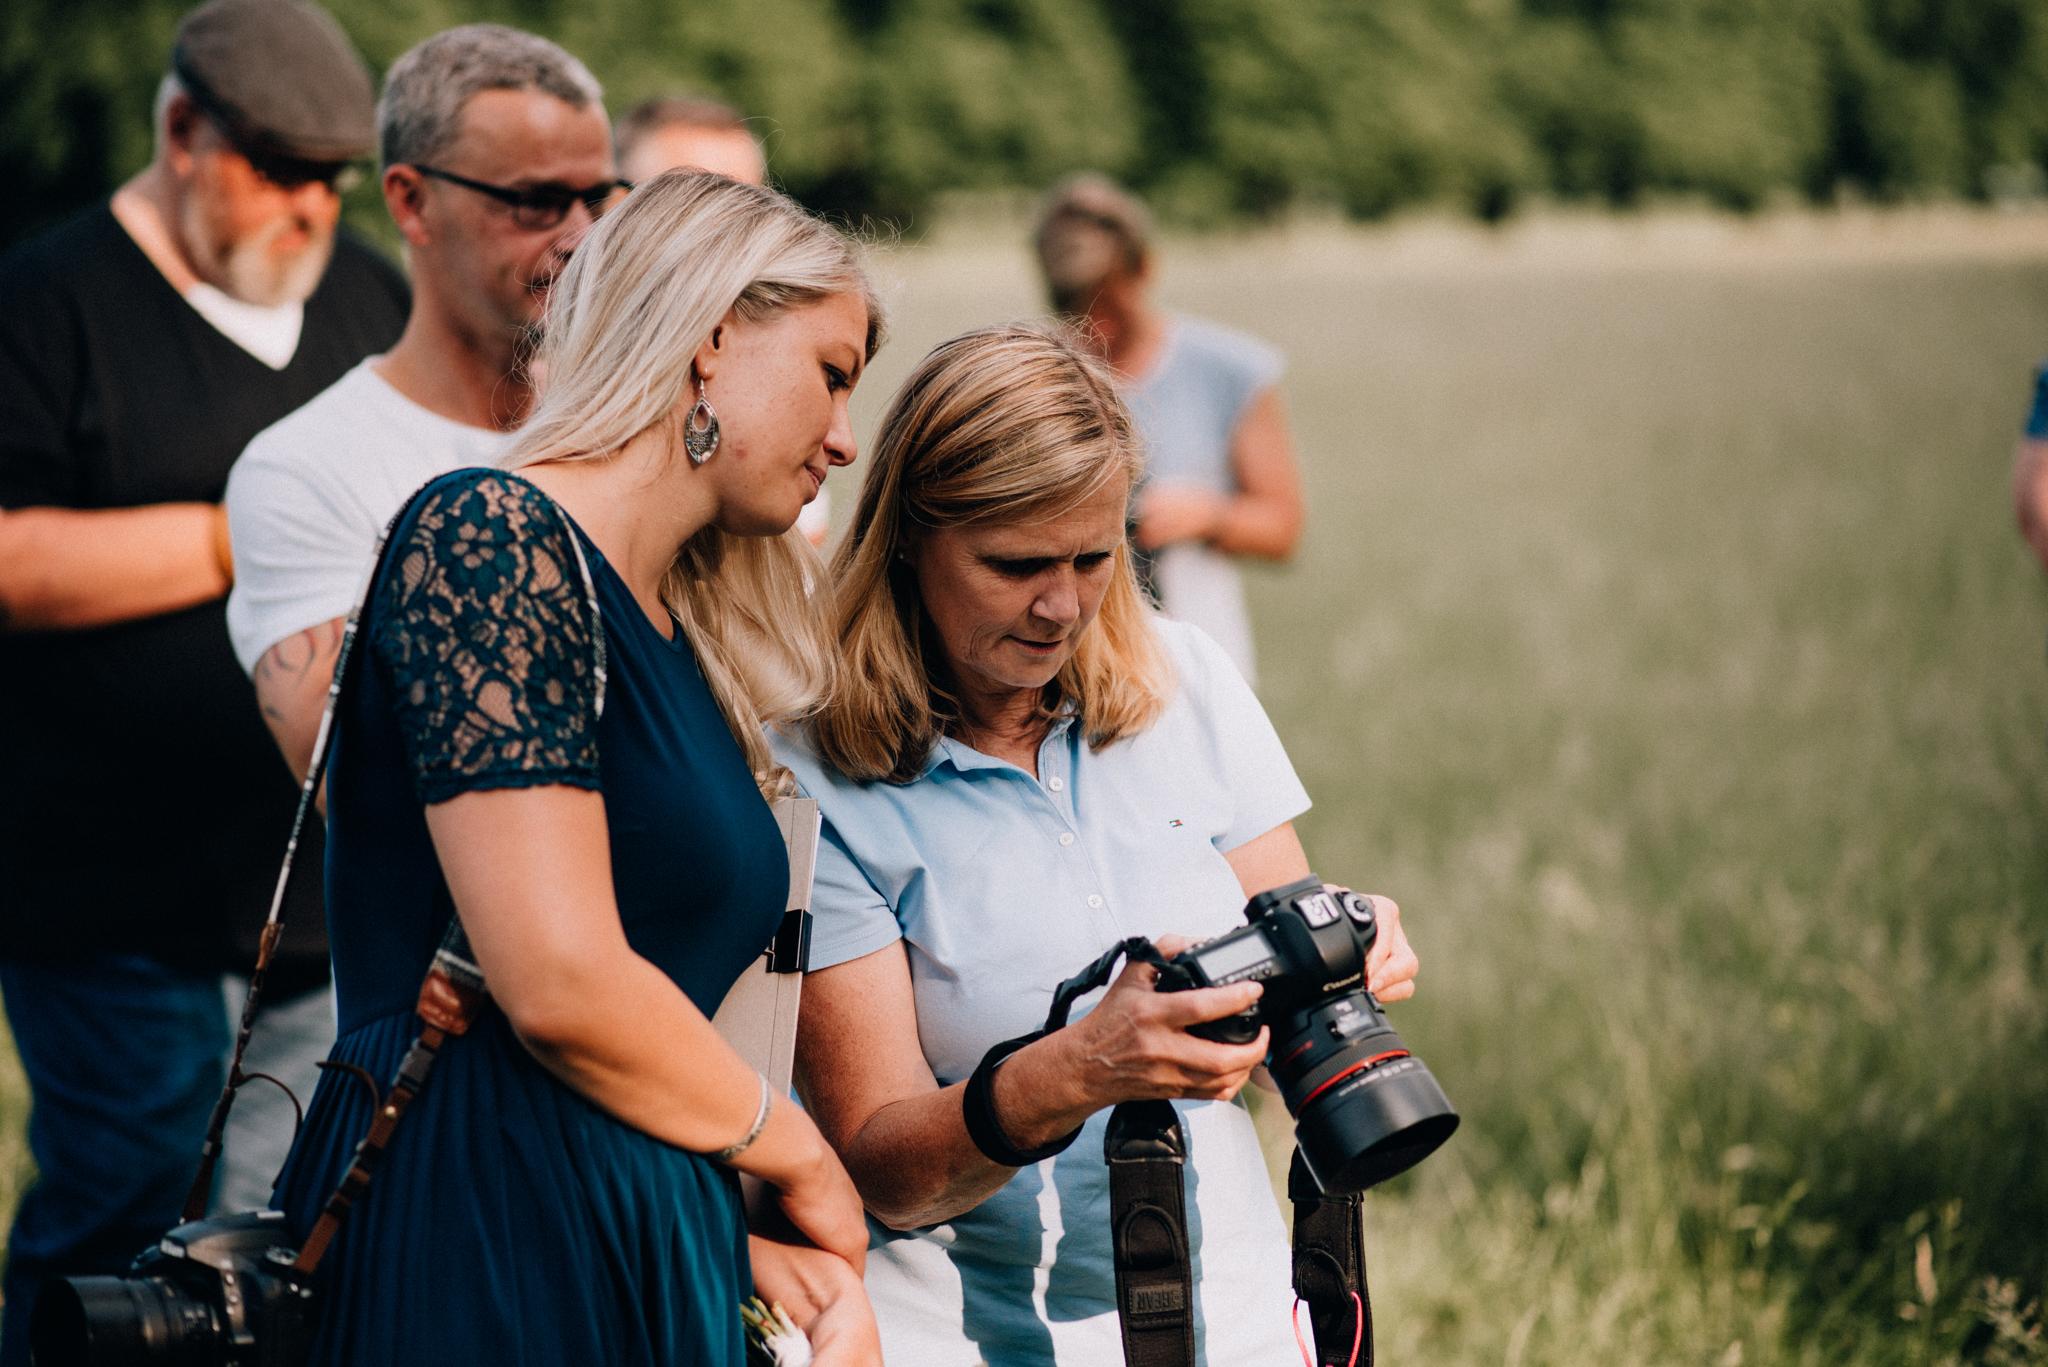 Brautpaarshooing Kurs Köln Linda Grigo erklärt einer Teilnehmerin etwas